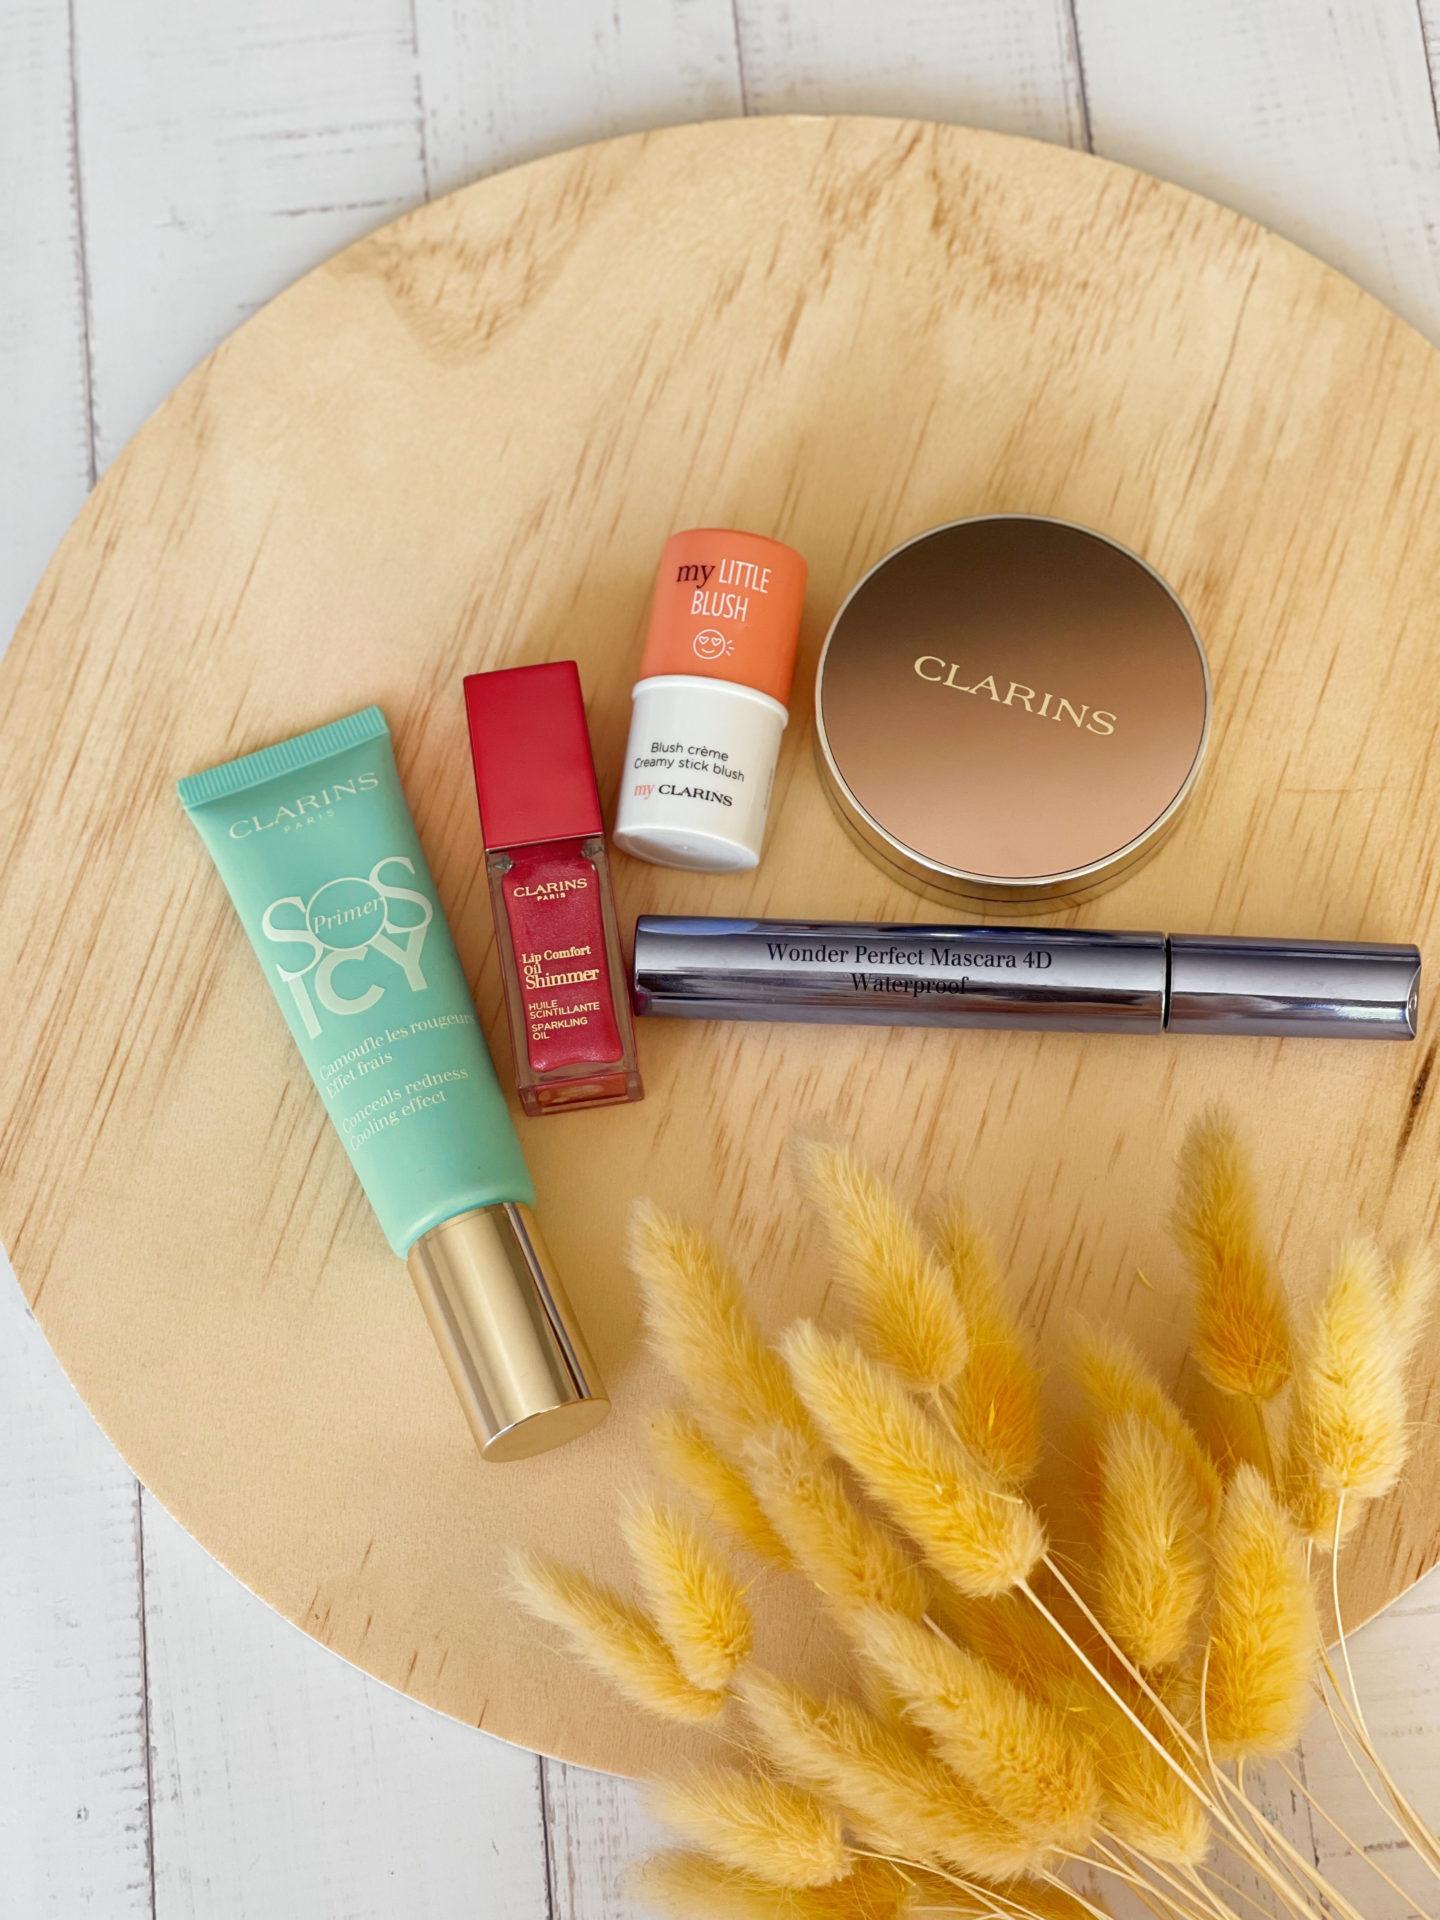 Un maquillage frais en moins d'une minute avec Clarins